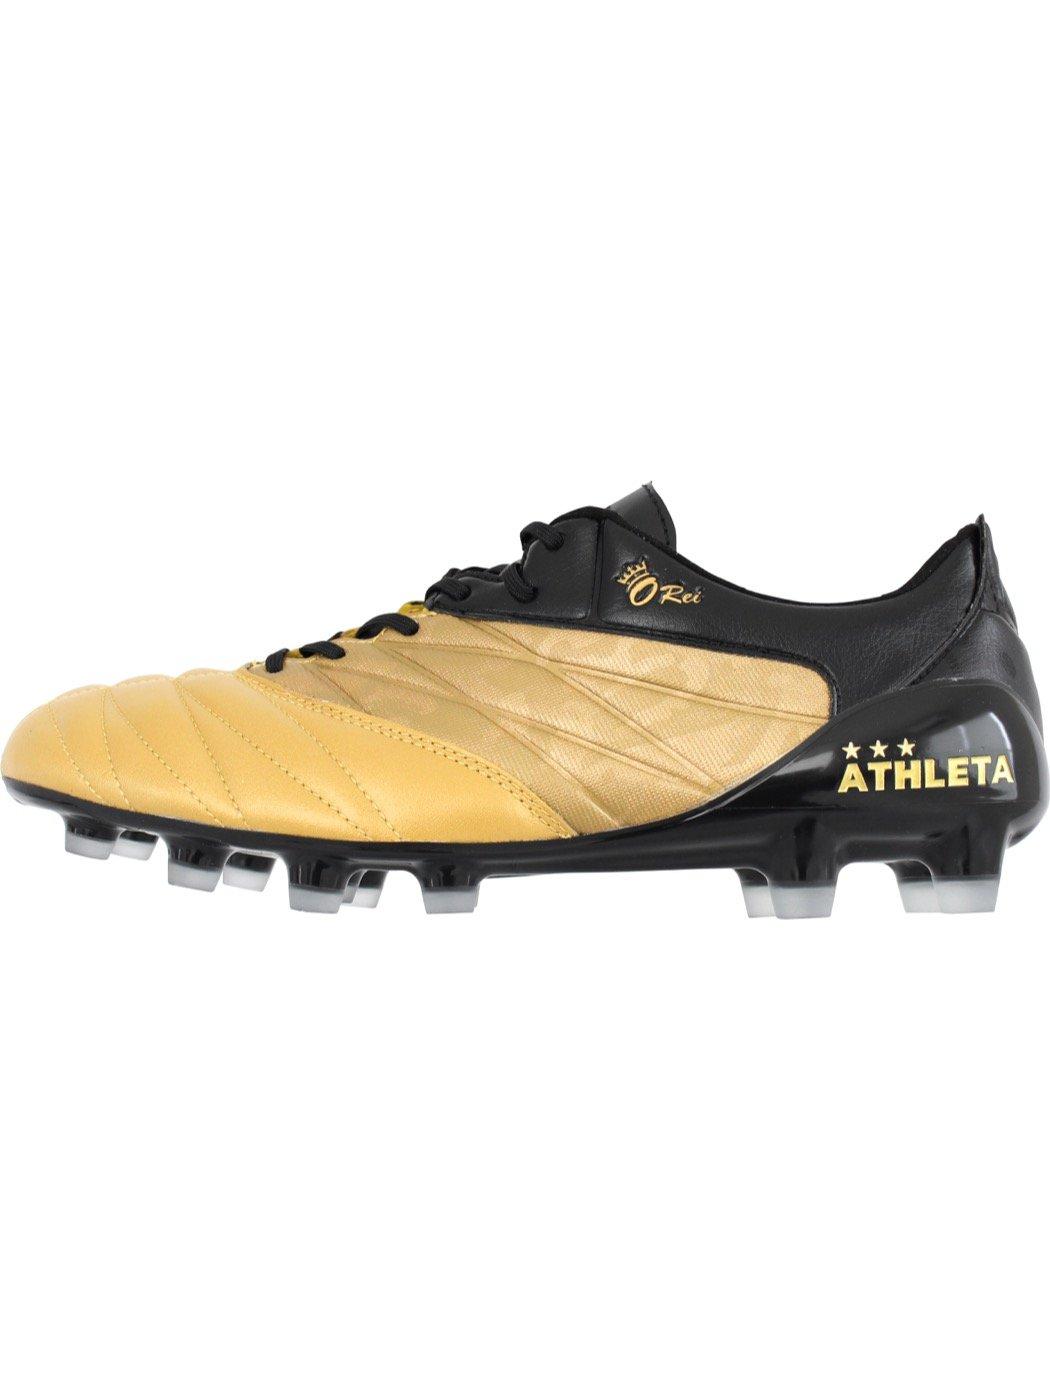 ATHLETA(アスレタ) O-Rei Futebol T002 10004-GLBL B06WXX86WR 25.0 cm|5870 5870 25.0 cm